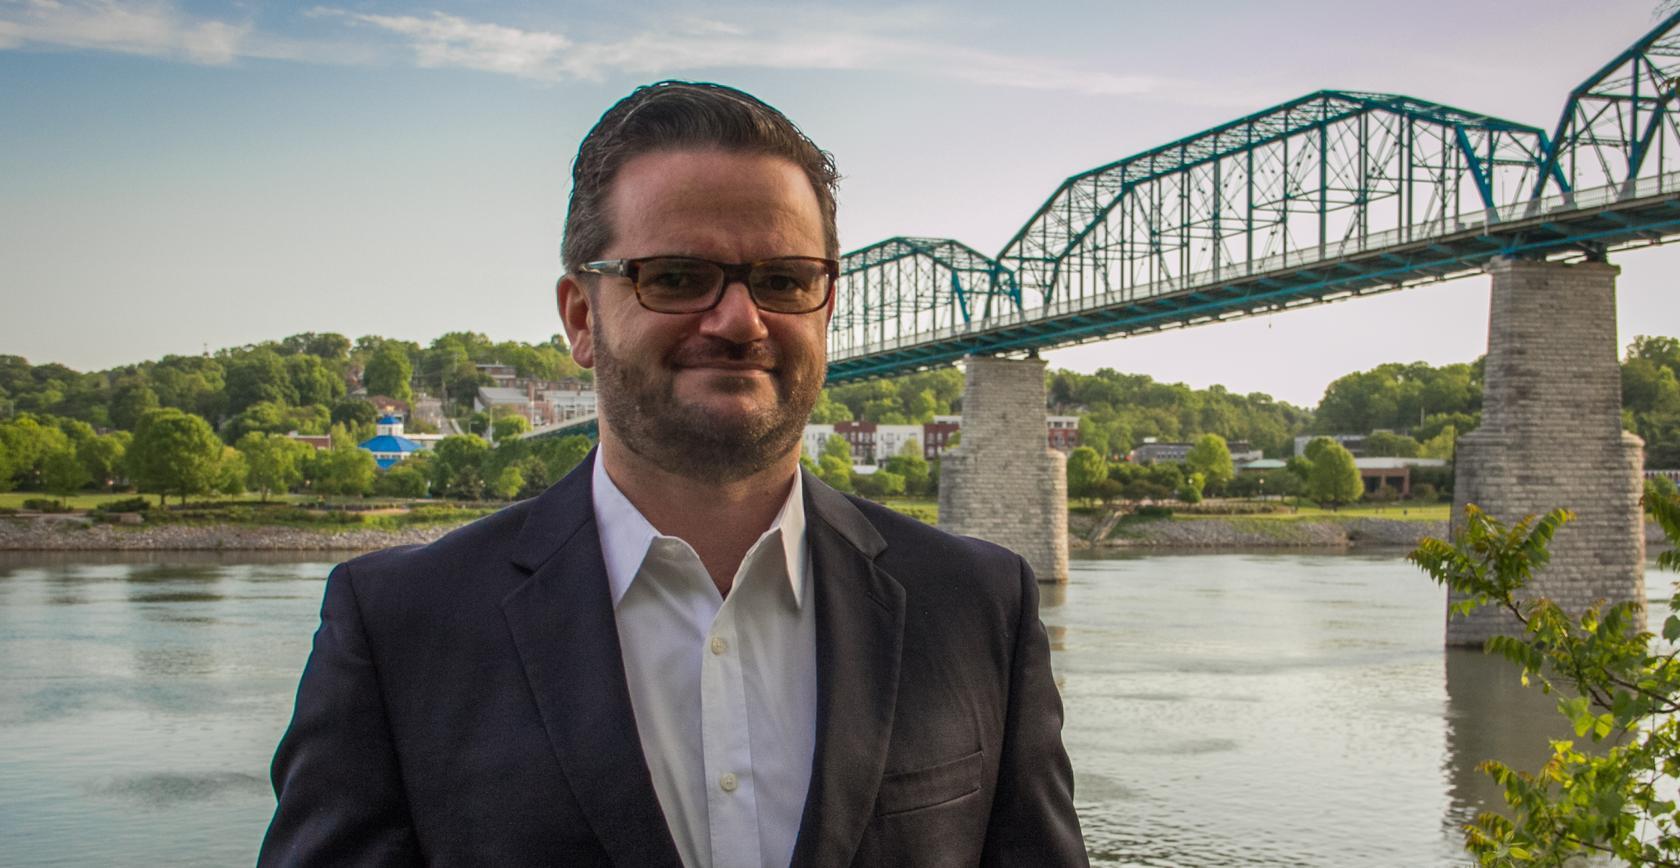 Christian Höferle